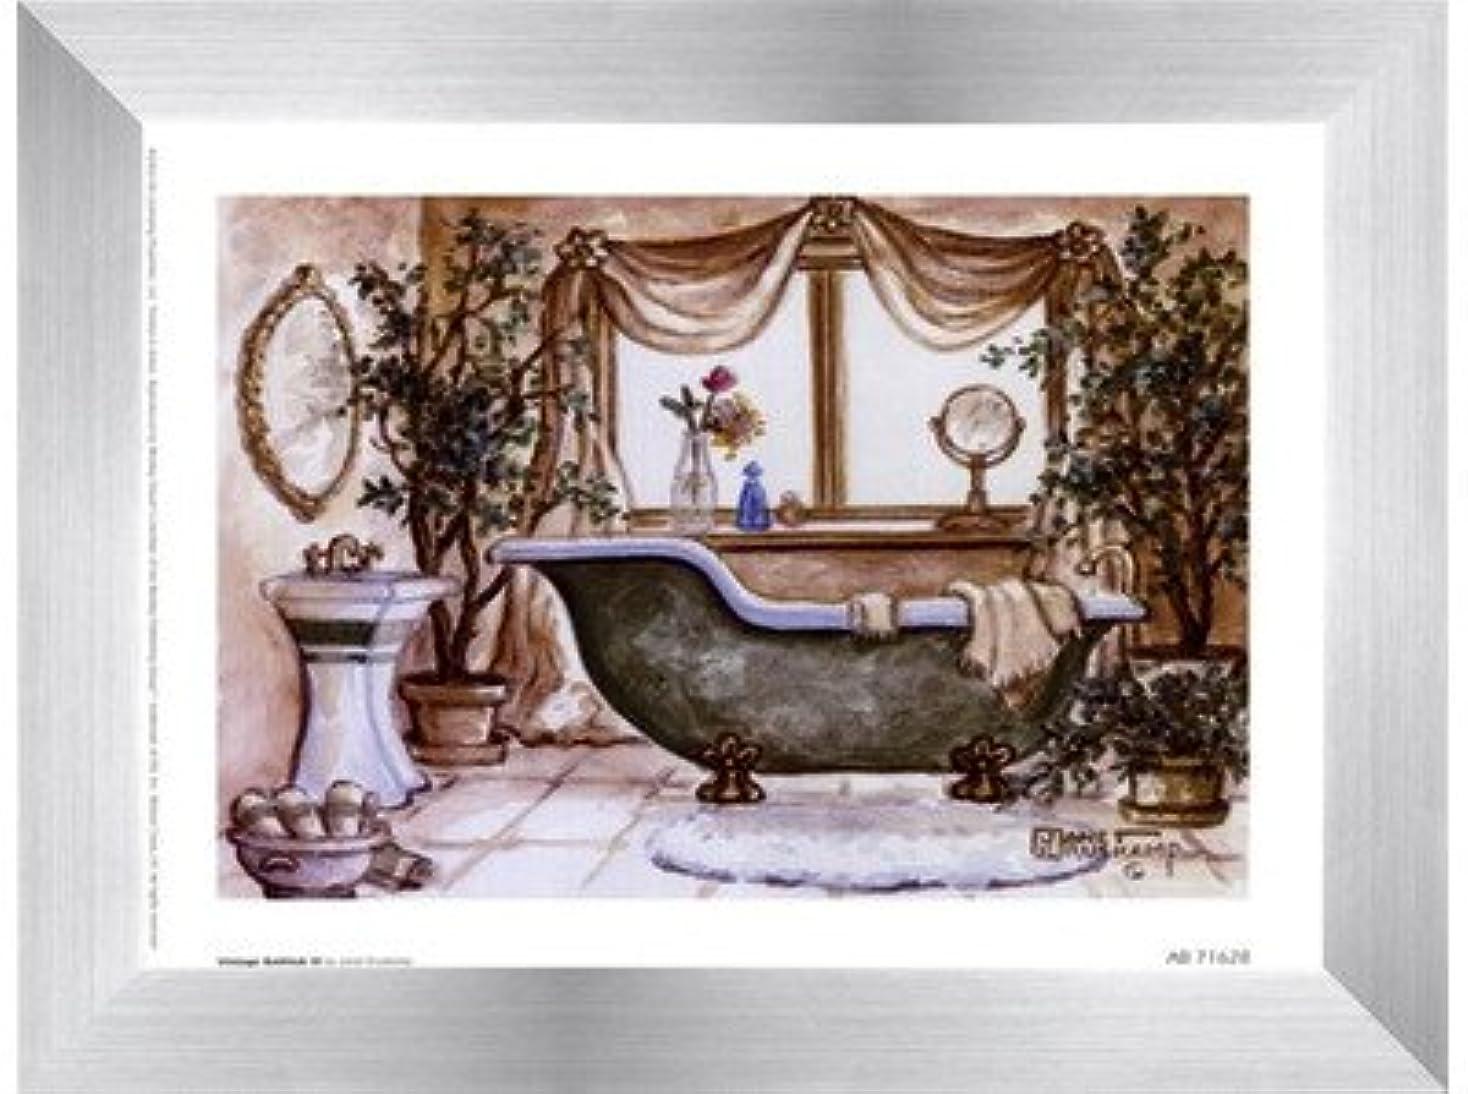 抑圧任命する同志ヴィンテージ浴槽lll by Janet Kruskamp – 8 x 6インチ – アートプリントポスター LE_66688-F9935-8x6